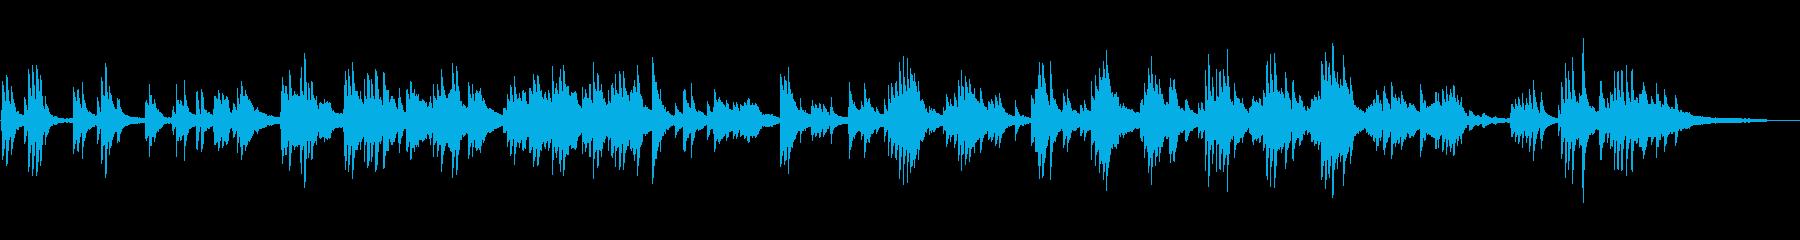 ノスタルジックで切ない ピアノソロの再生済みの波形